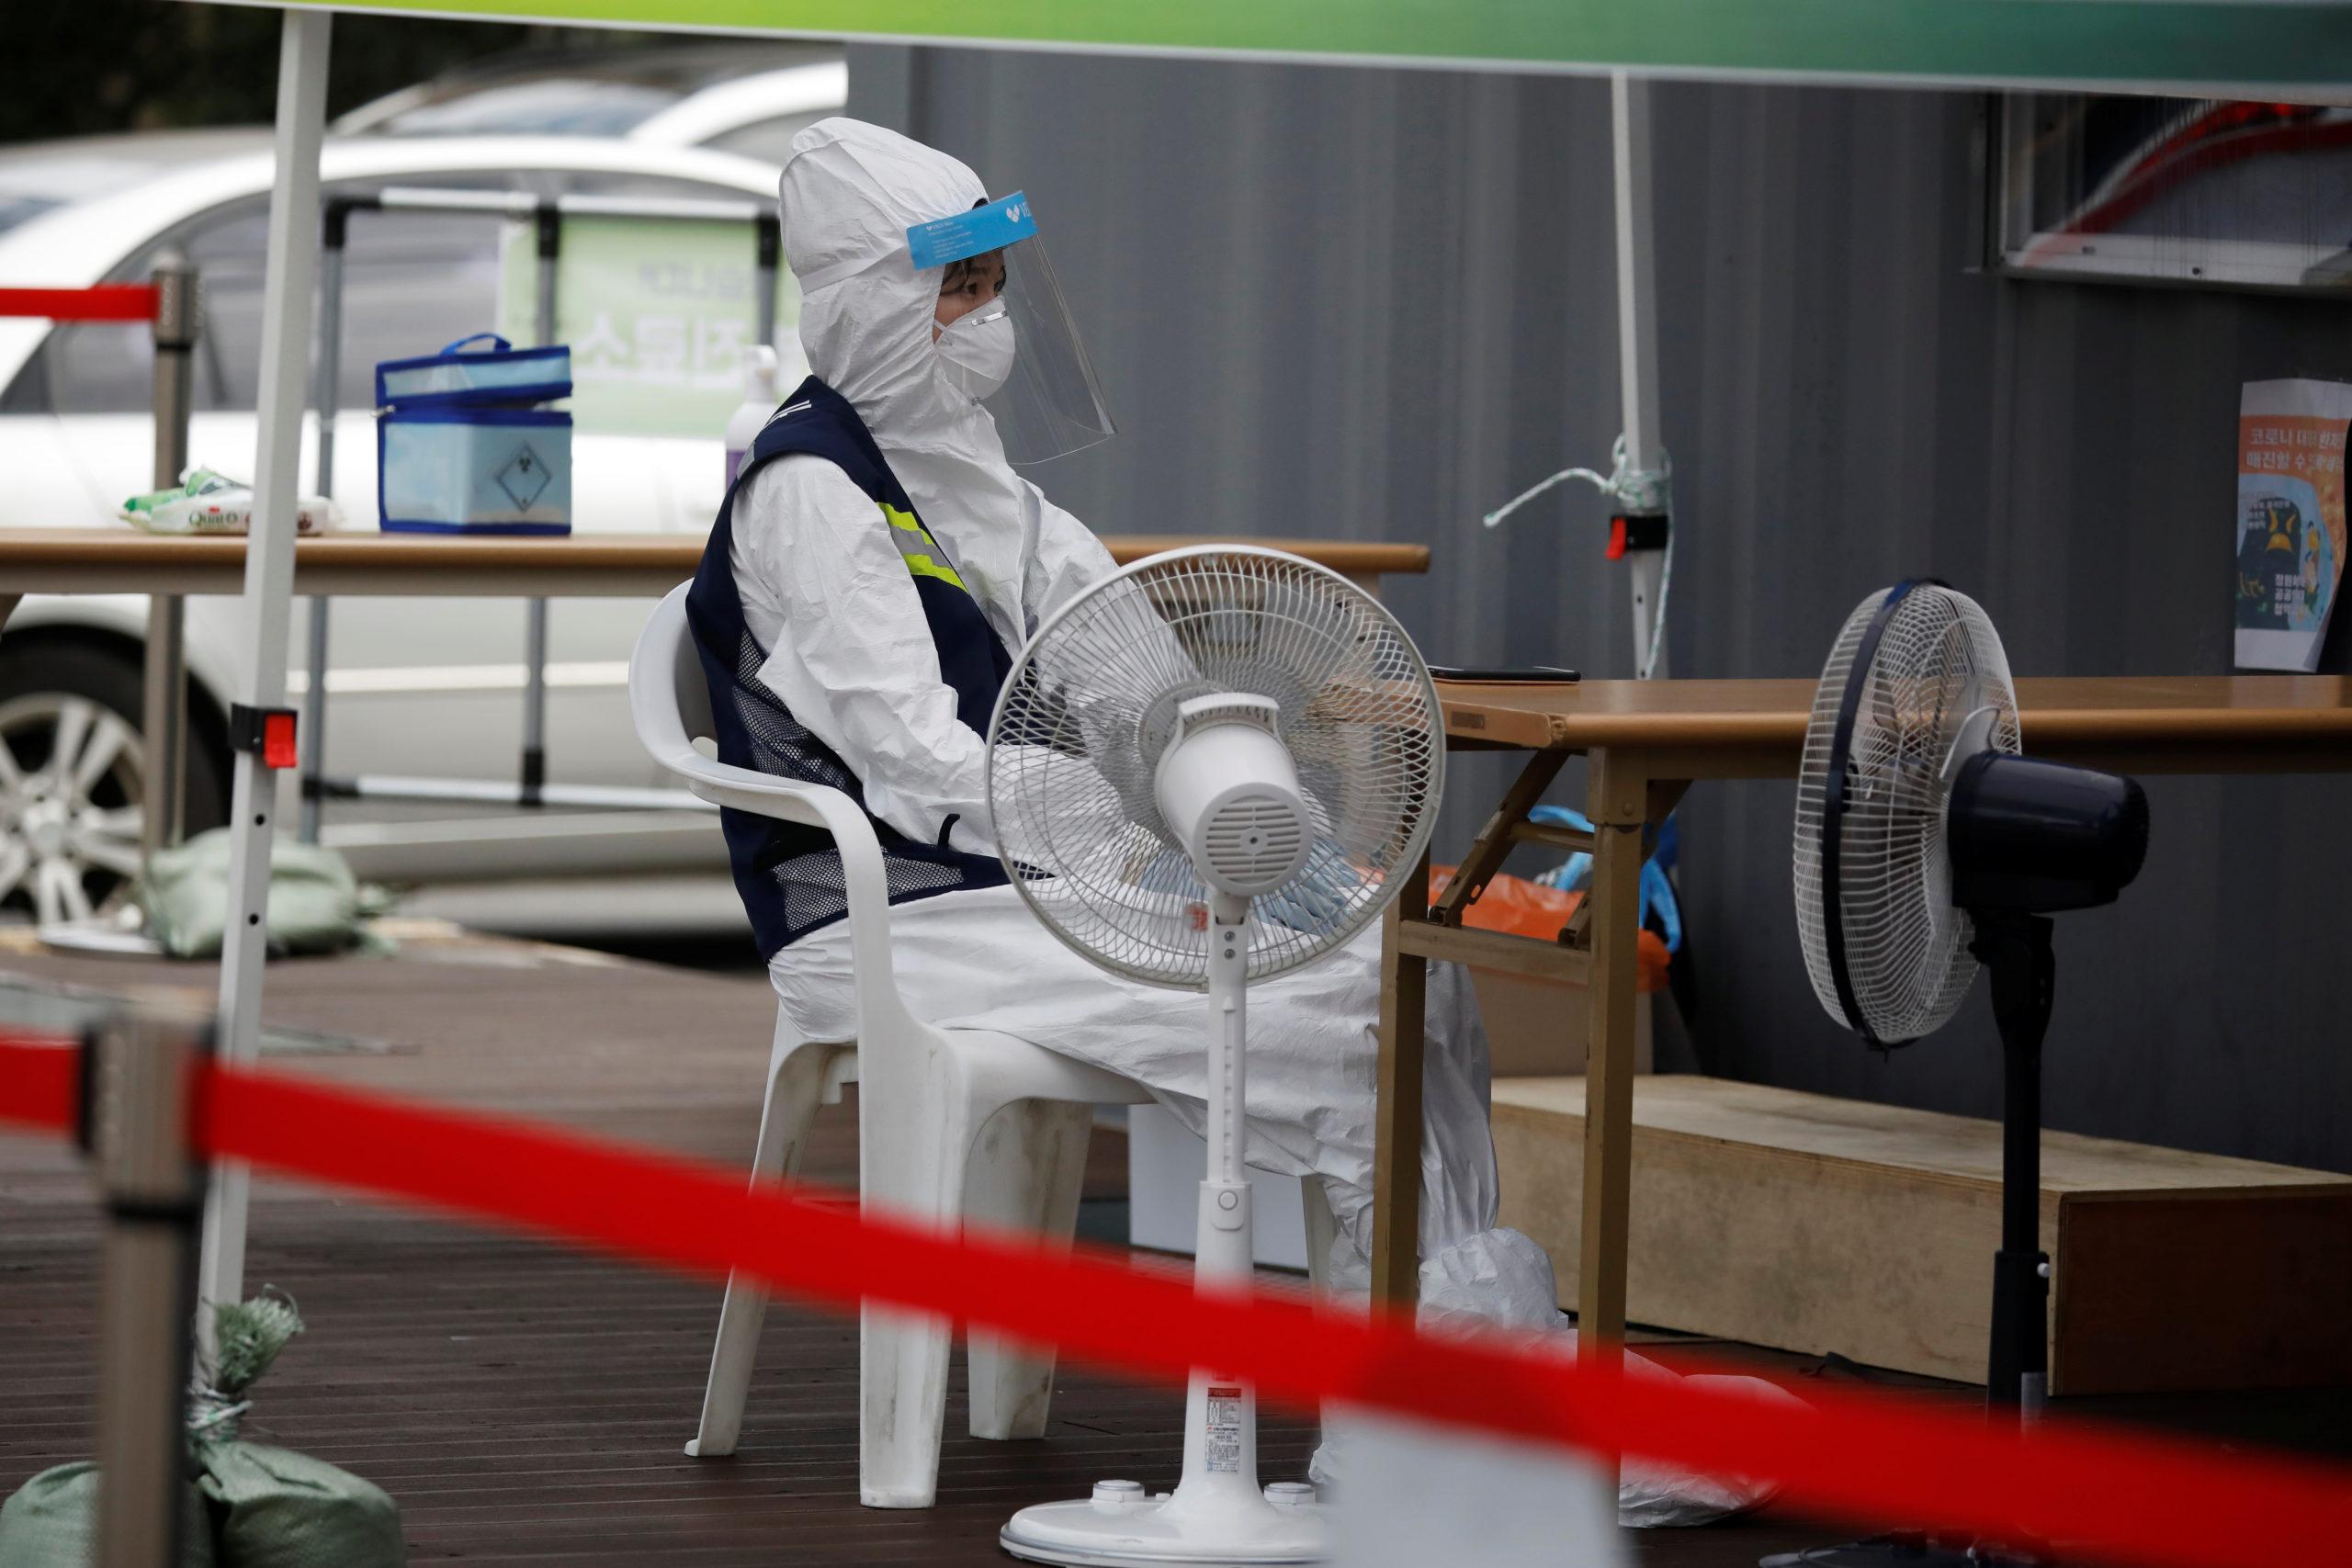 Coronavirus: Plus de 7.000 soignants sont morts dans le monde, dit Amnesty International